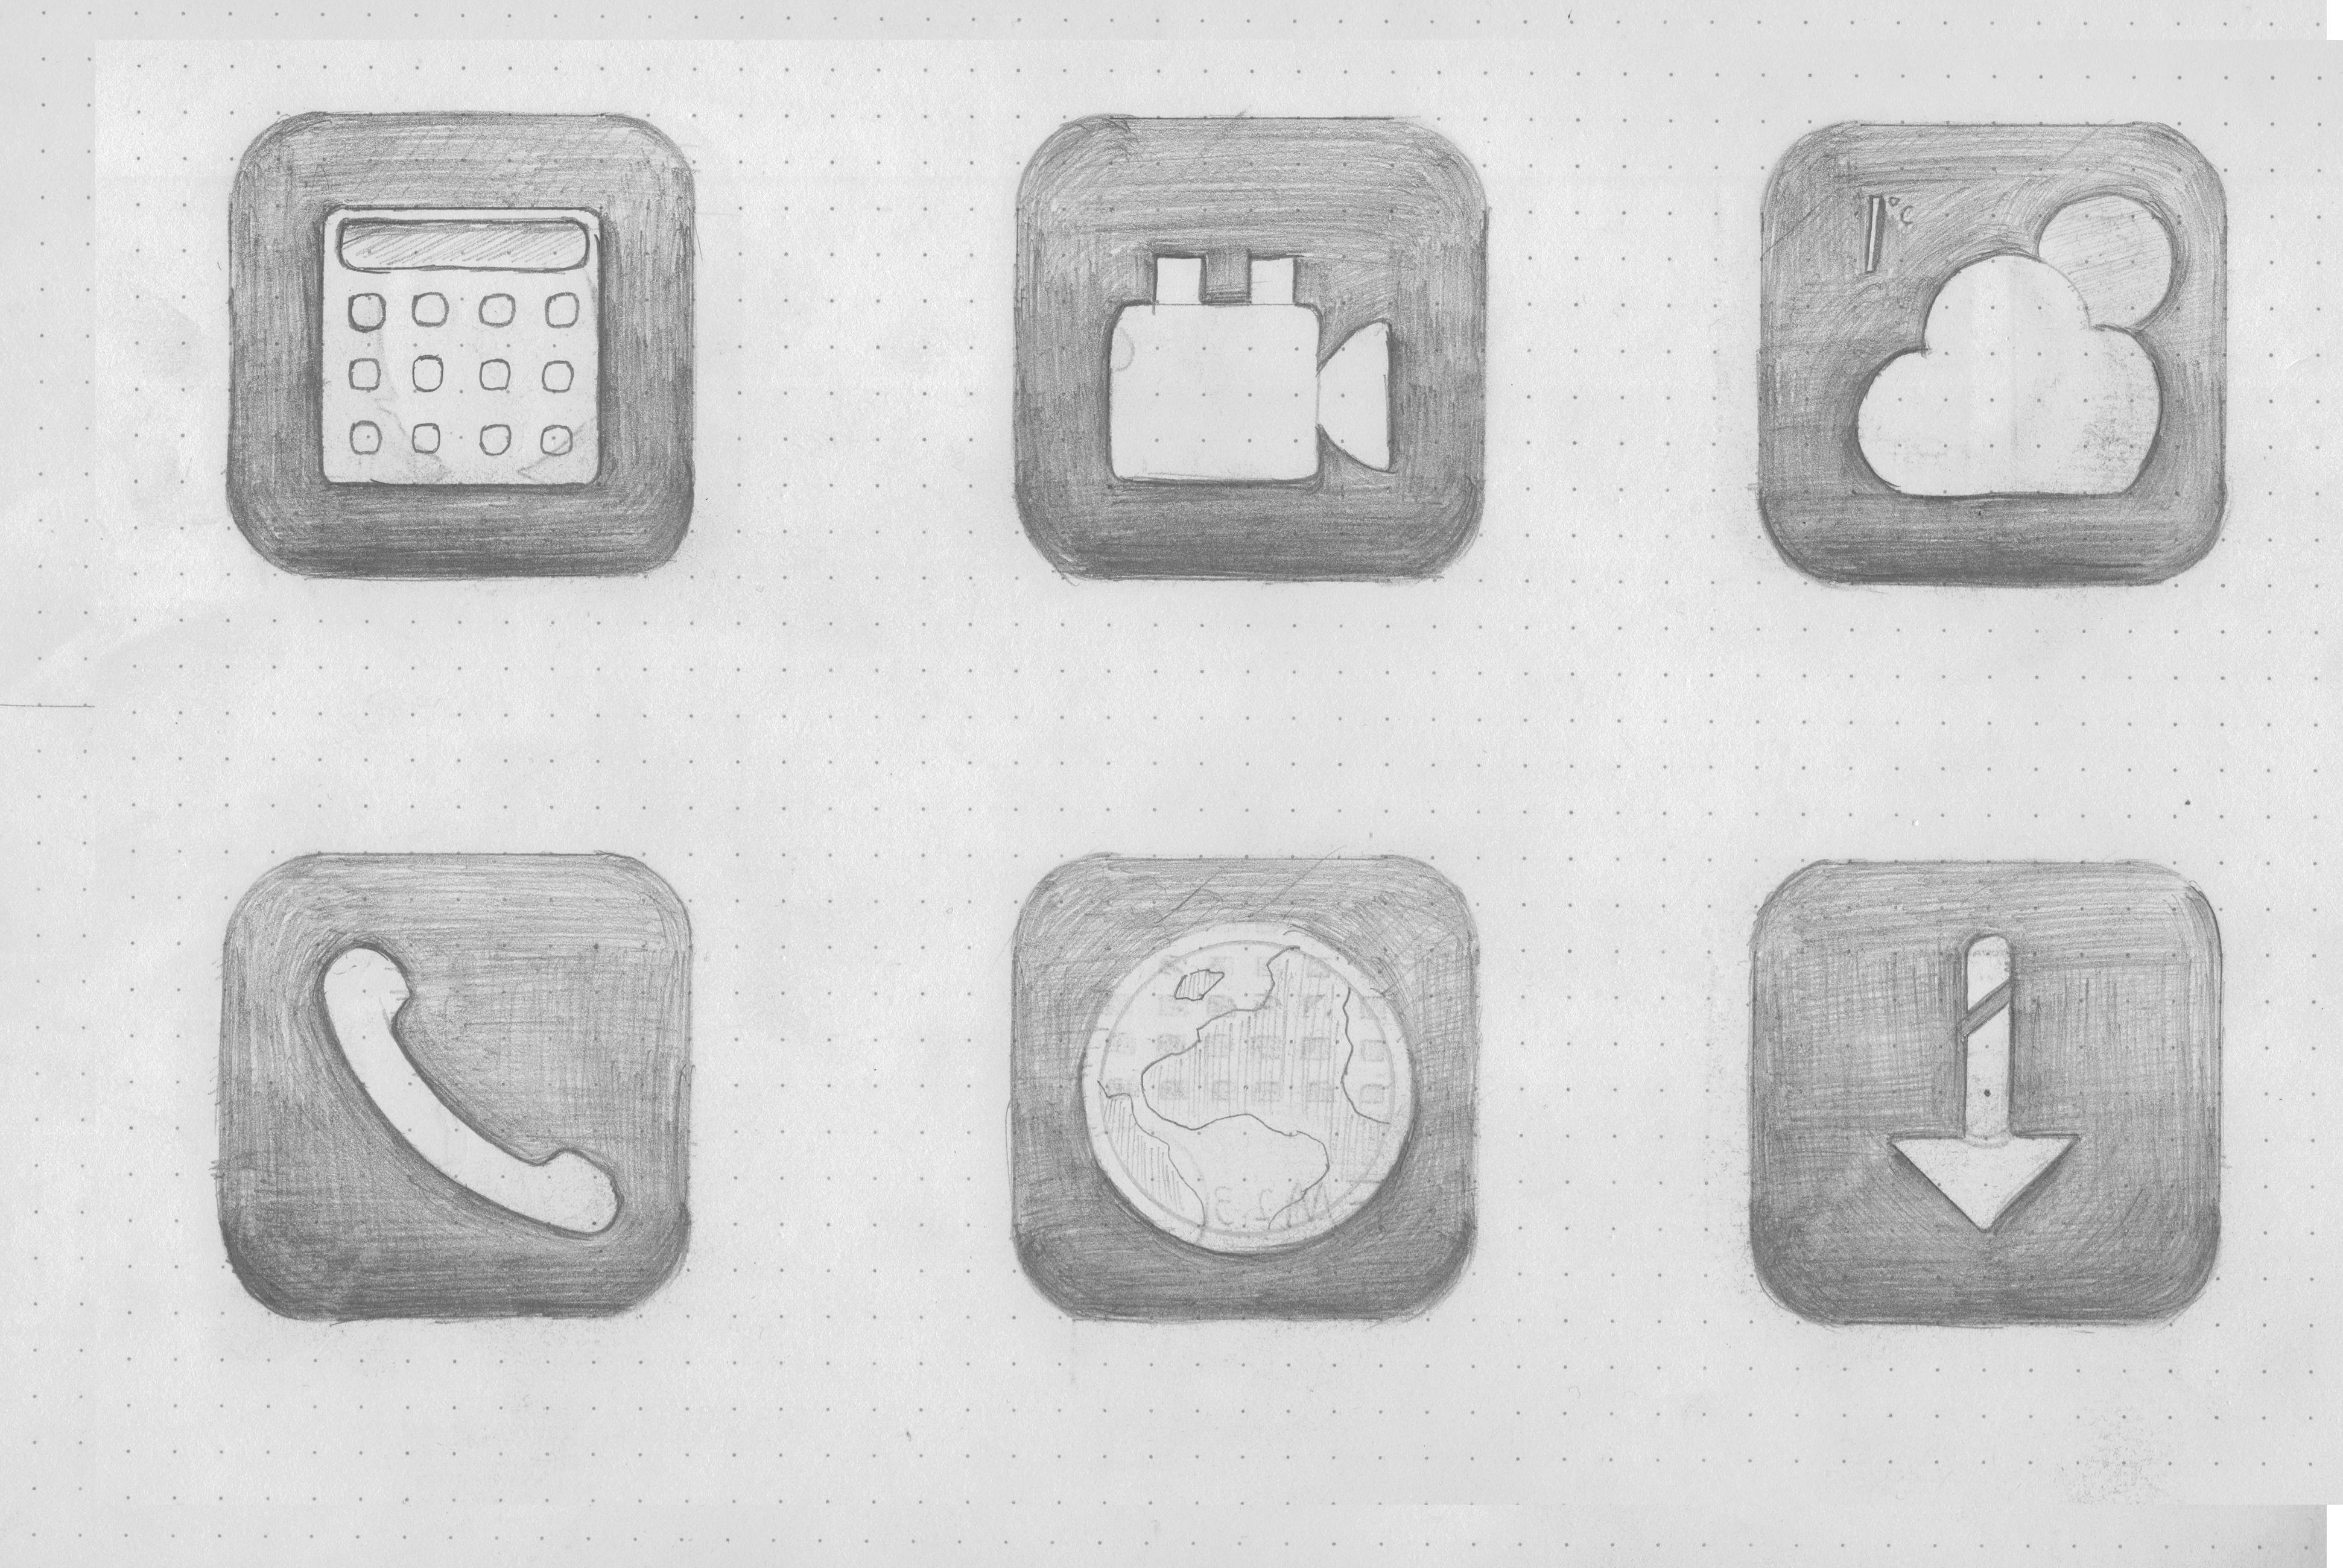 手绘图标设计|ui|图标|mymymy - 原创作品 - 站酷